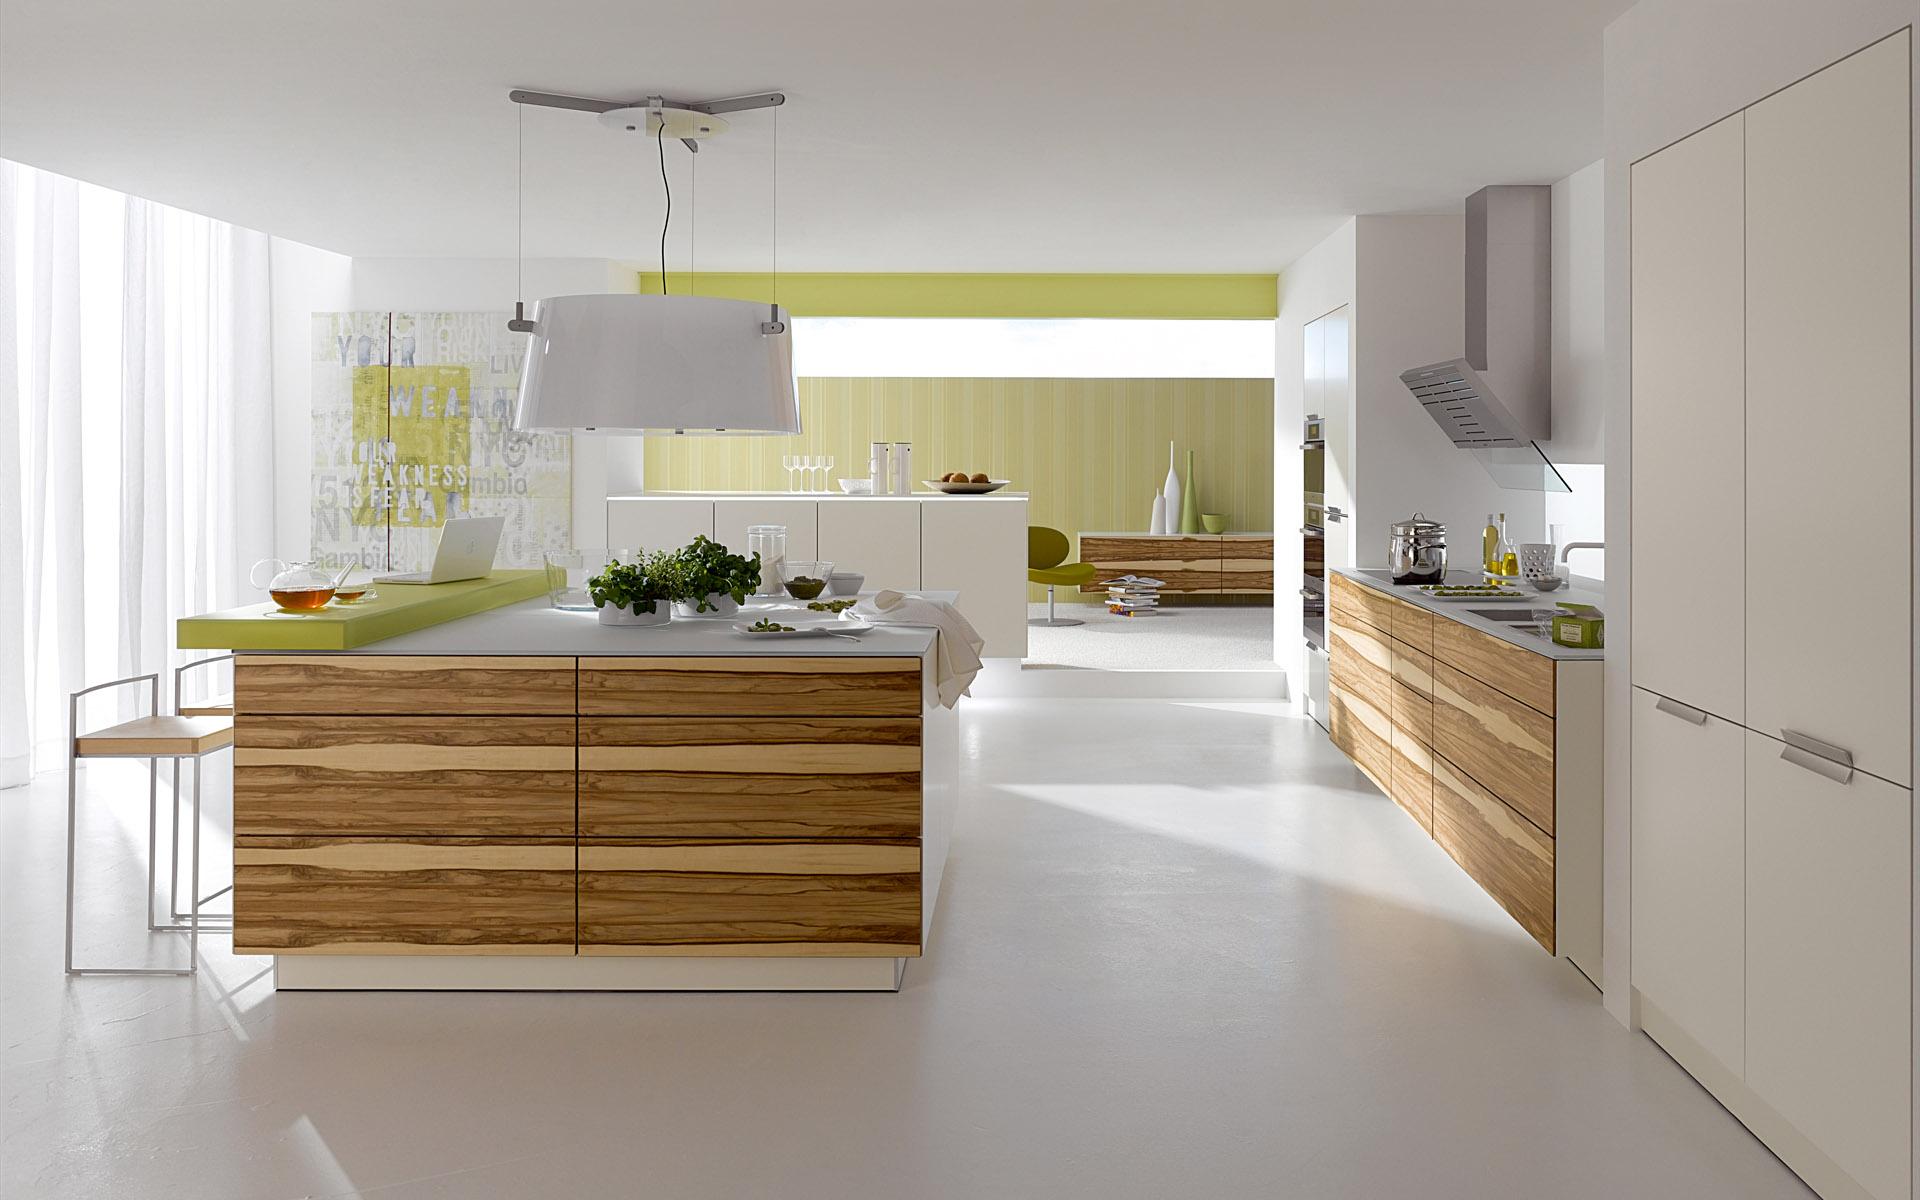 Hiasan Dalaman Dan Dekorasi Dekorasi Dapur Moden Kontemporari